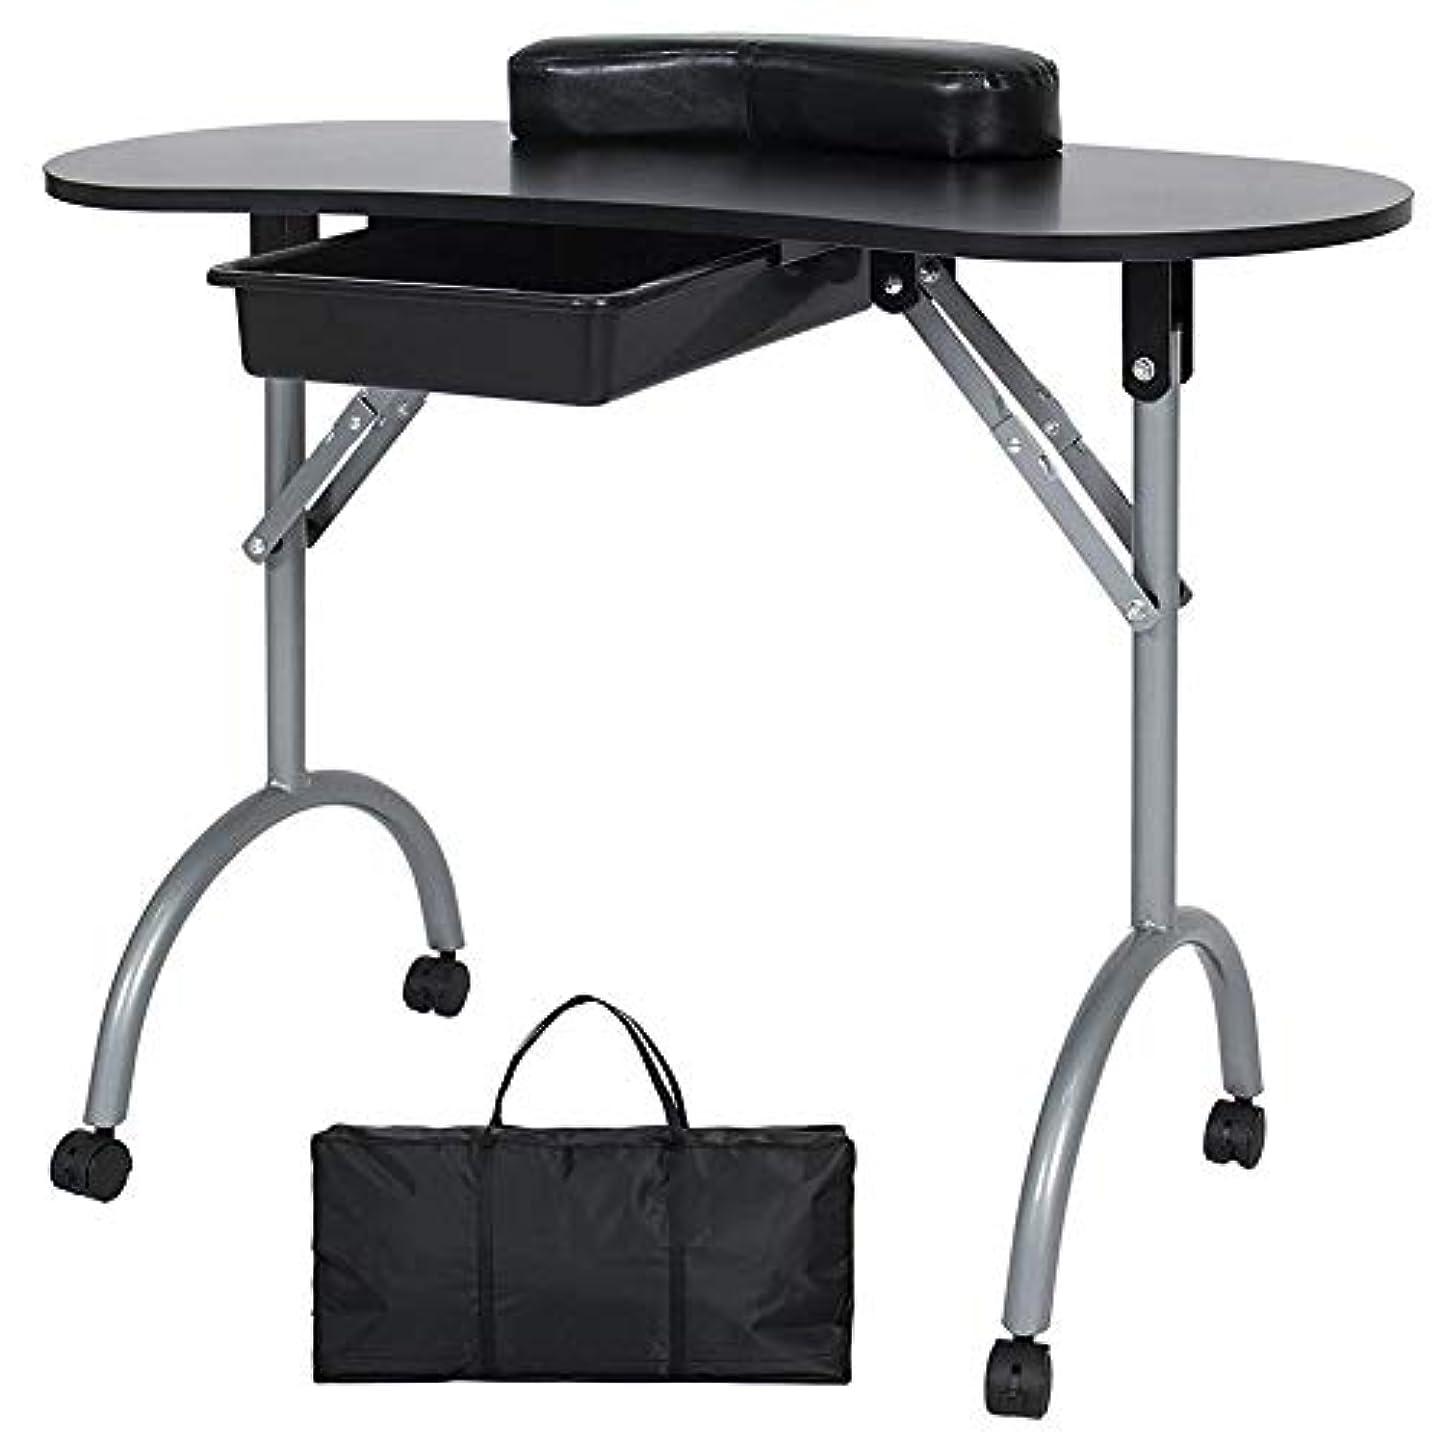 ホイールシガレットまっすぐにするFMEZYネイルテーブルマニキュアテーブル製品ポータブルマニキュア折りたたみデスクワークステーション付きキャリングバッグ